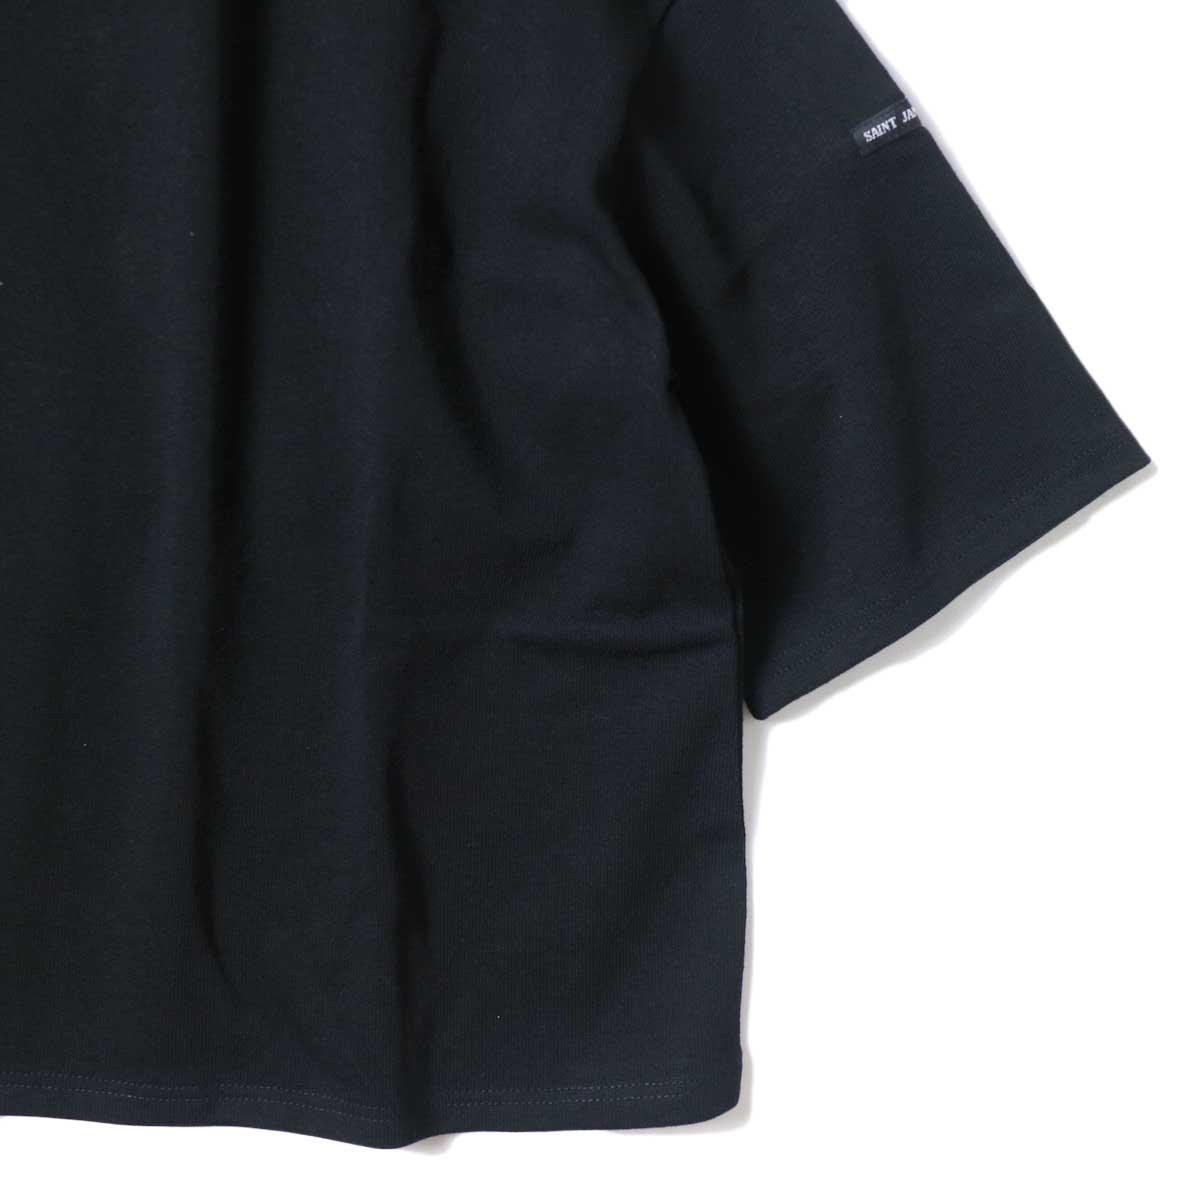 SAINT JAMES / OUESSANT SHORT SLEEVE SHIRTS (Noir) 裾・袖